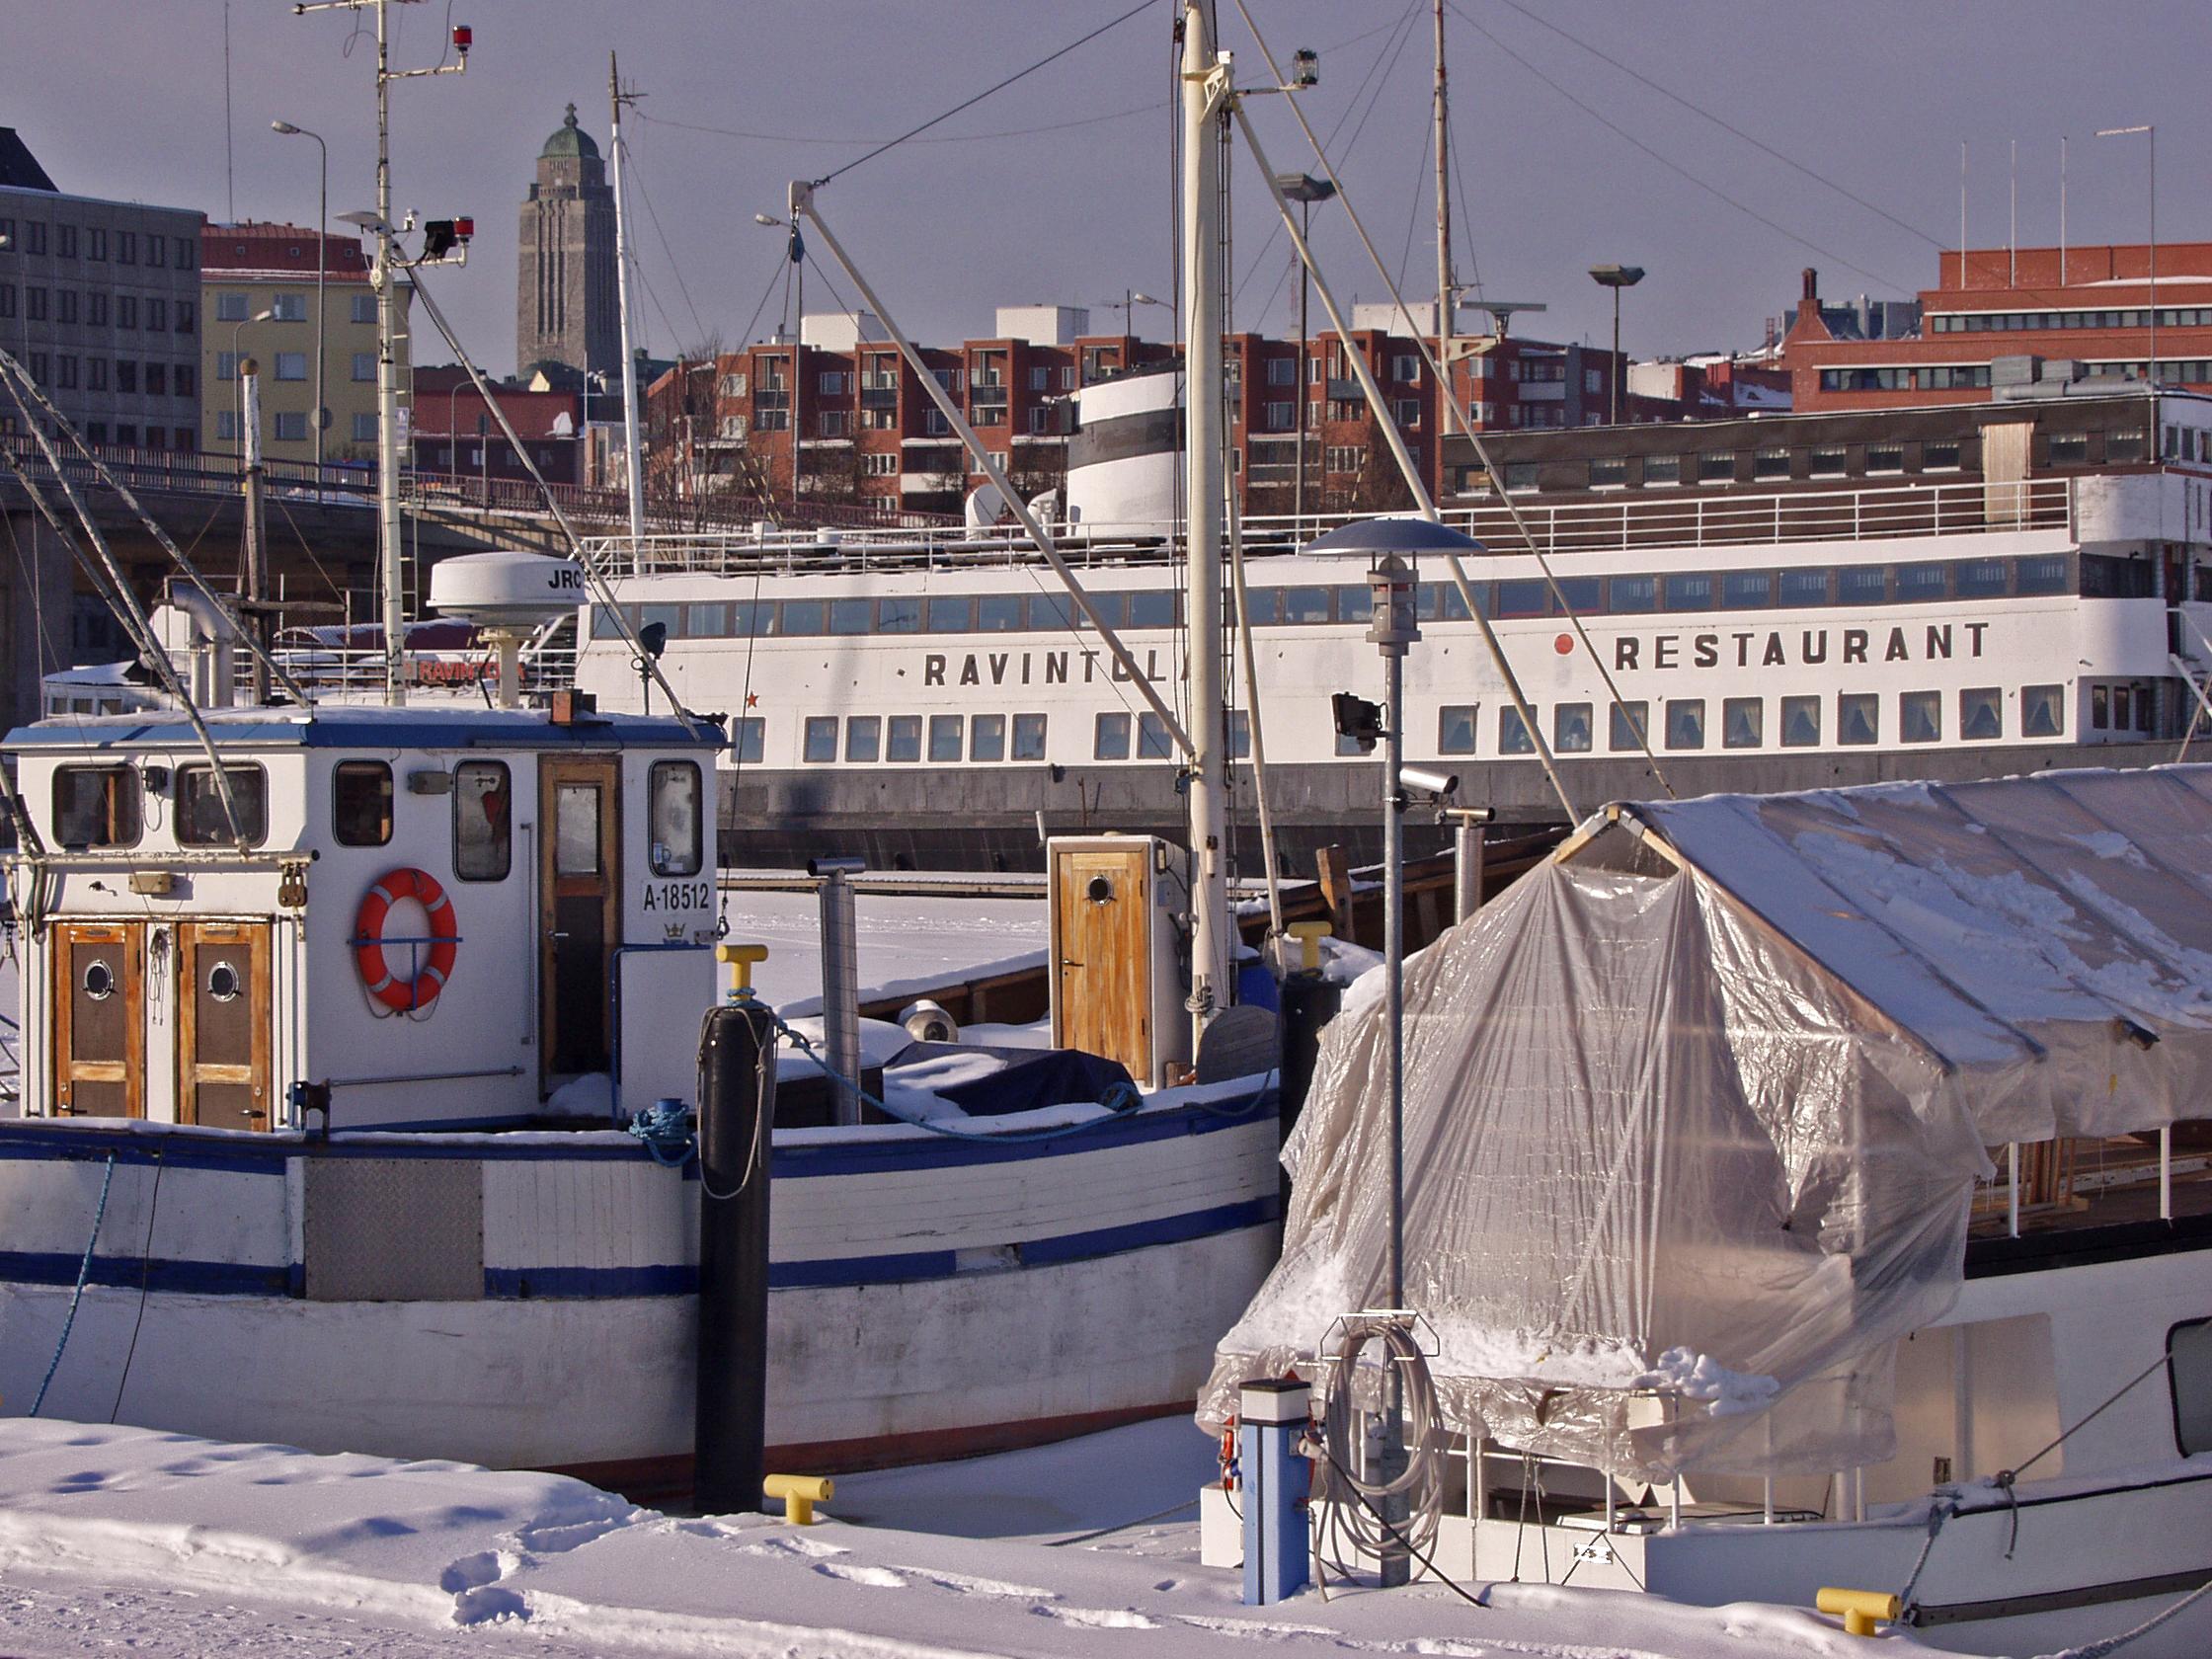 Ravintolalaiva Helsinki